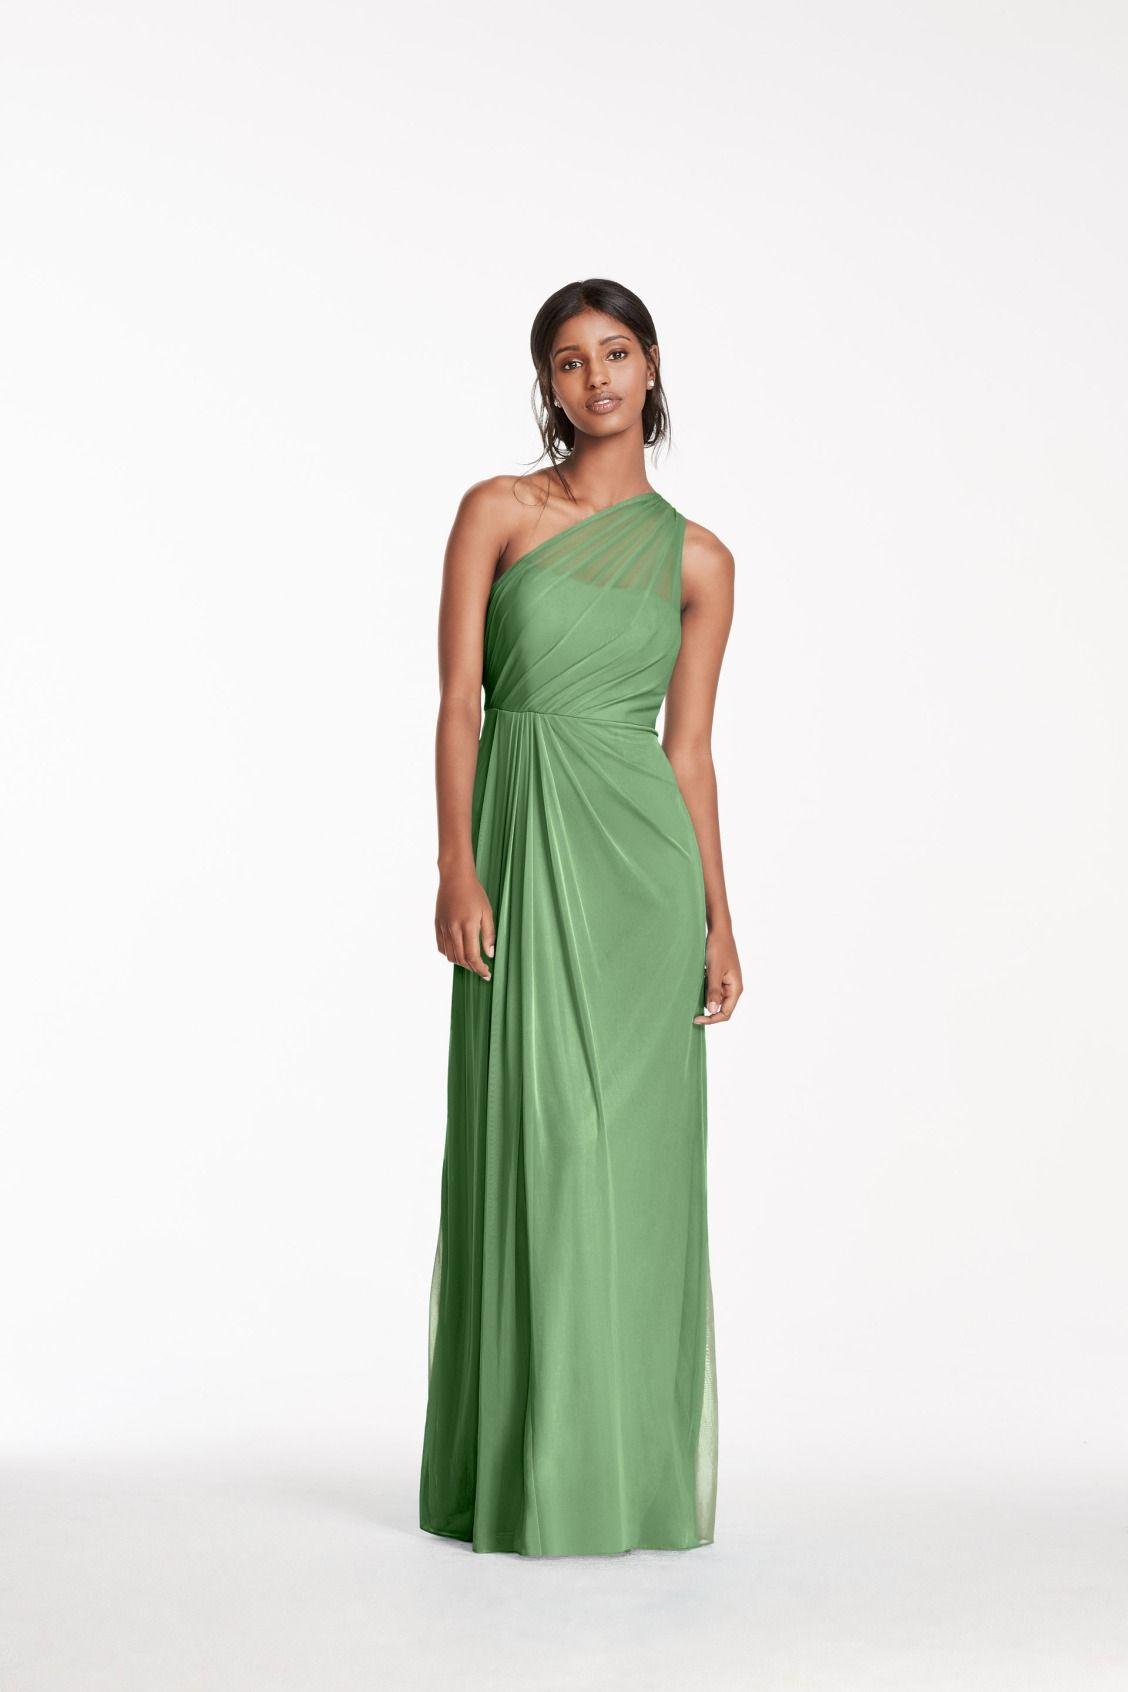 Long Mesh Dress With One Shoulder Neckline David S Bridal Mesh Dress Dresses Davids Bridal Bridesmaid Dresses